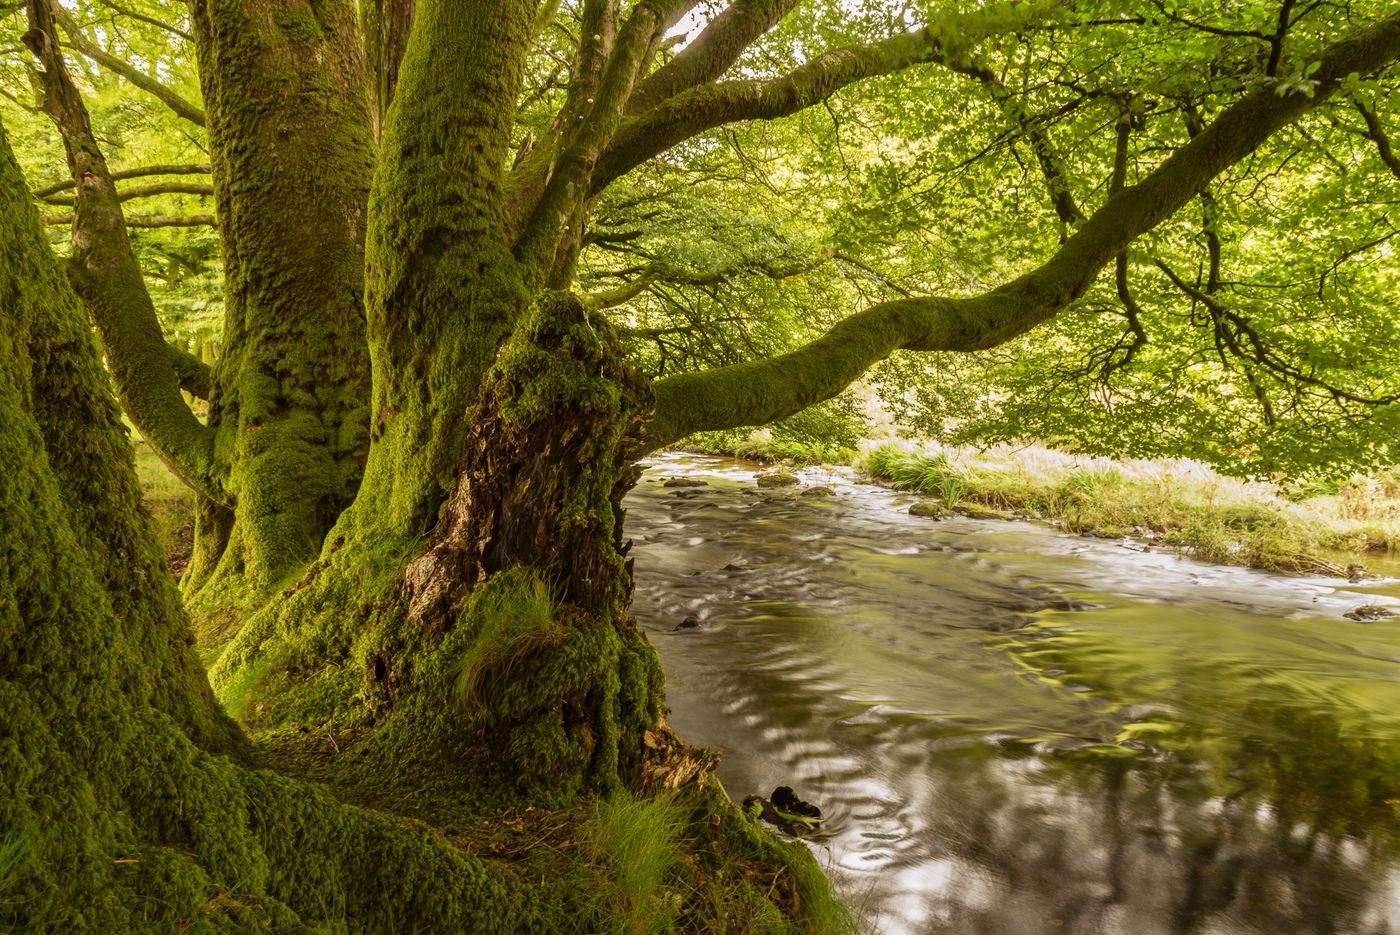 De Barle stroomt vredig voorbij enkele oude reuzen. © Sandy Spaenhoven